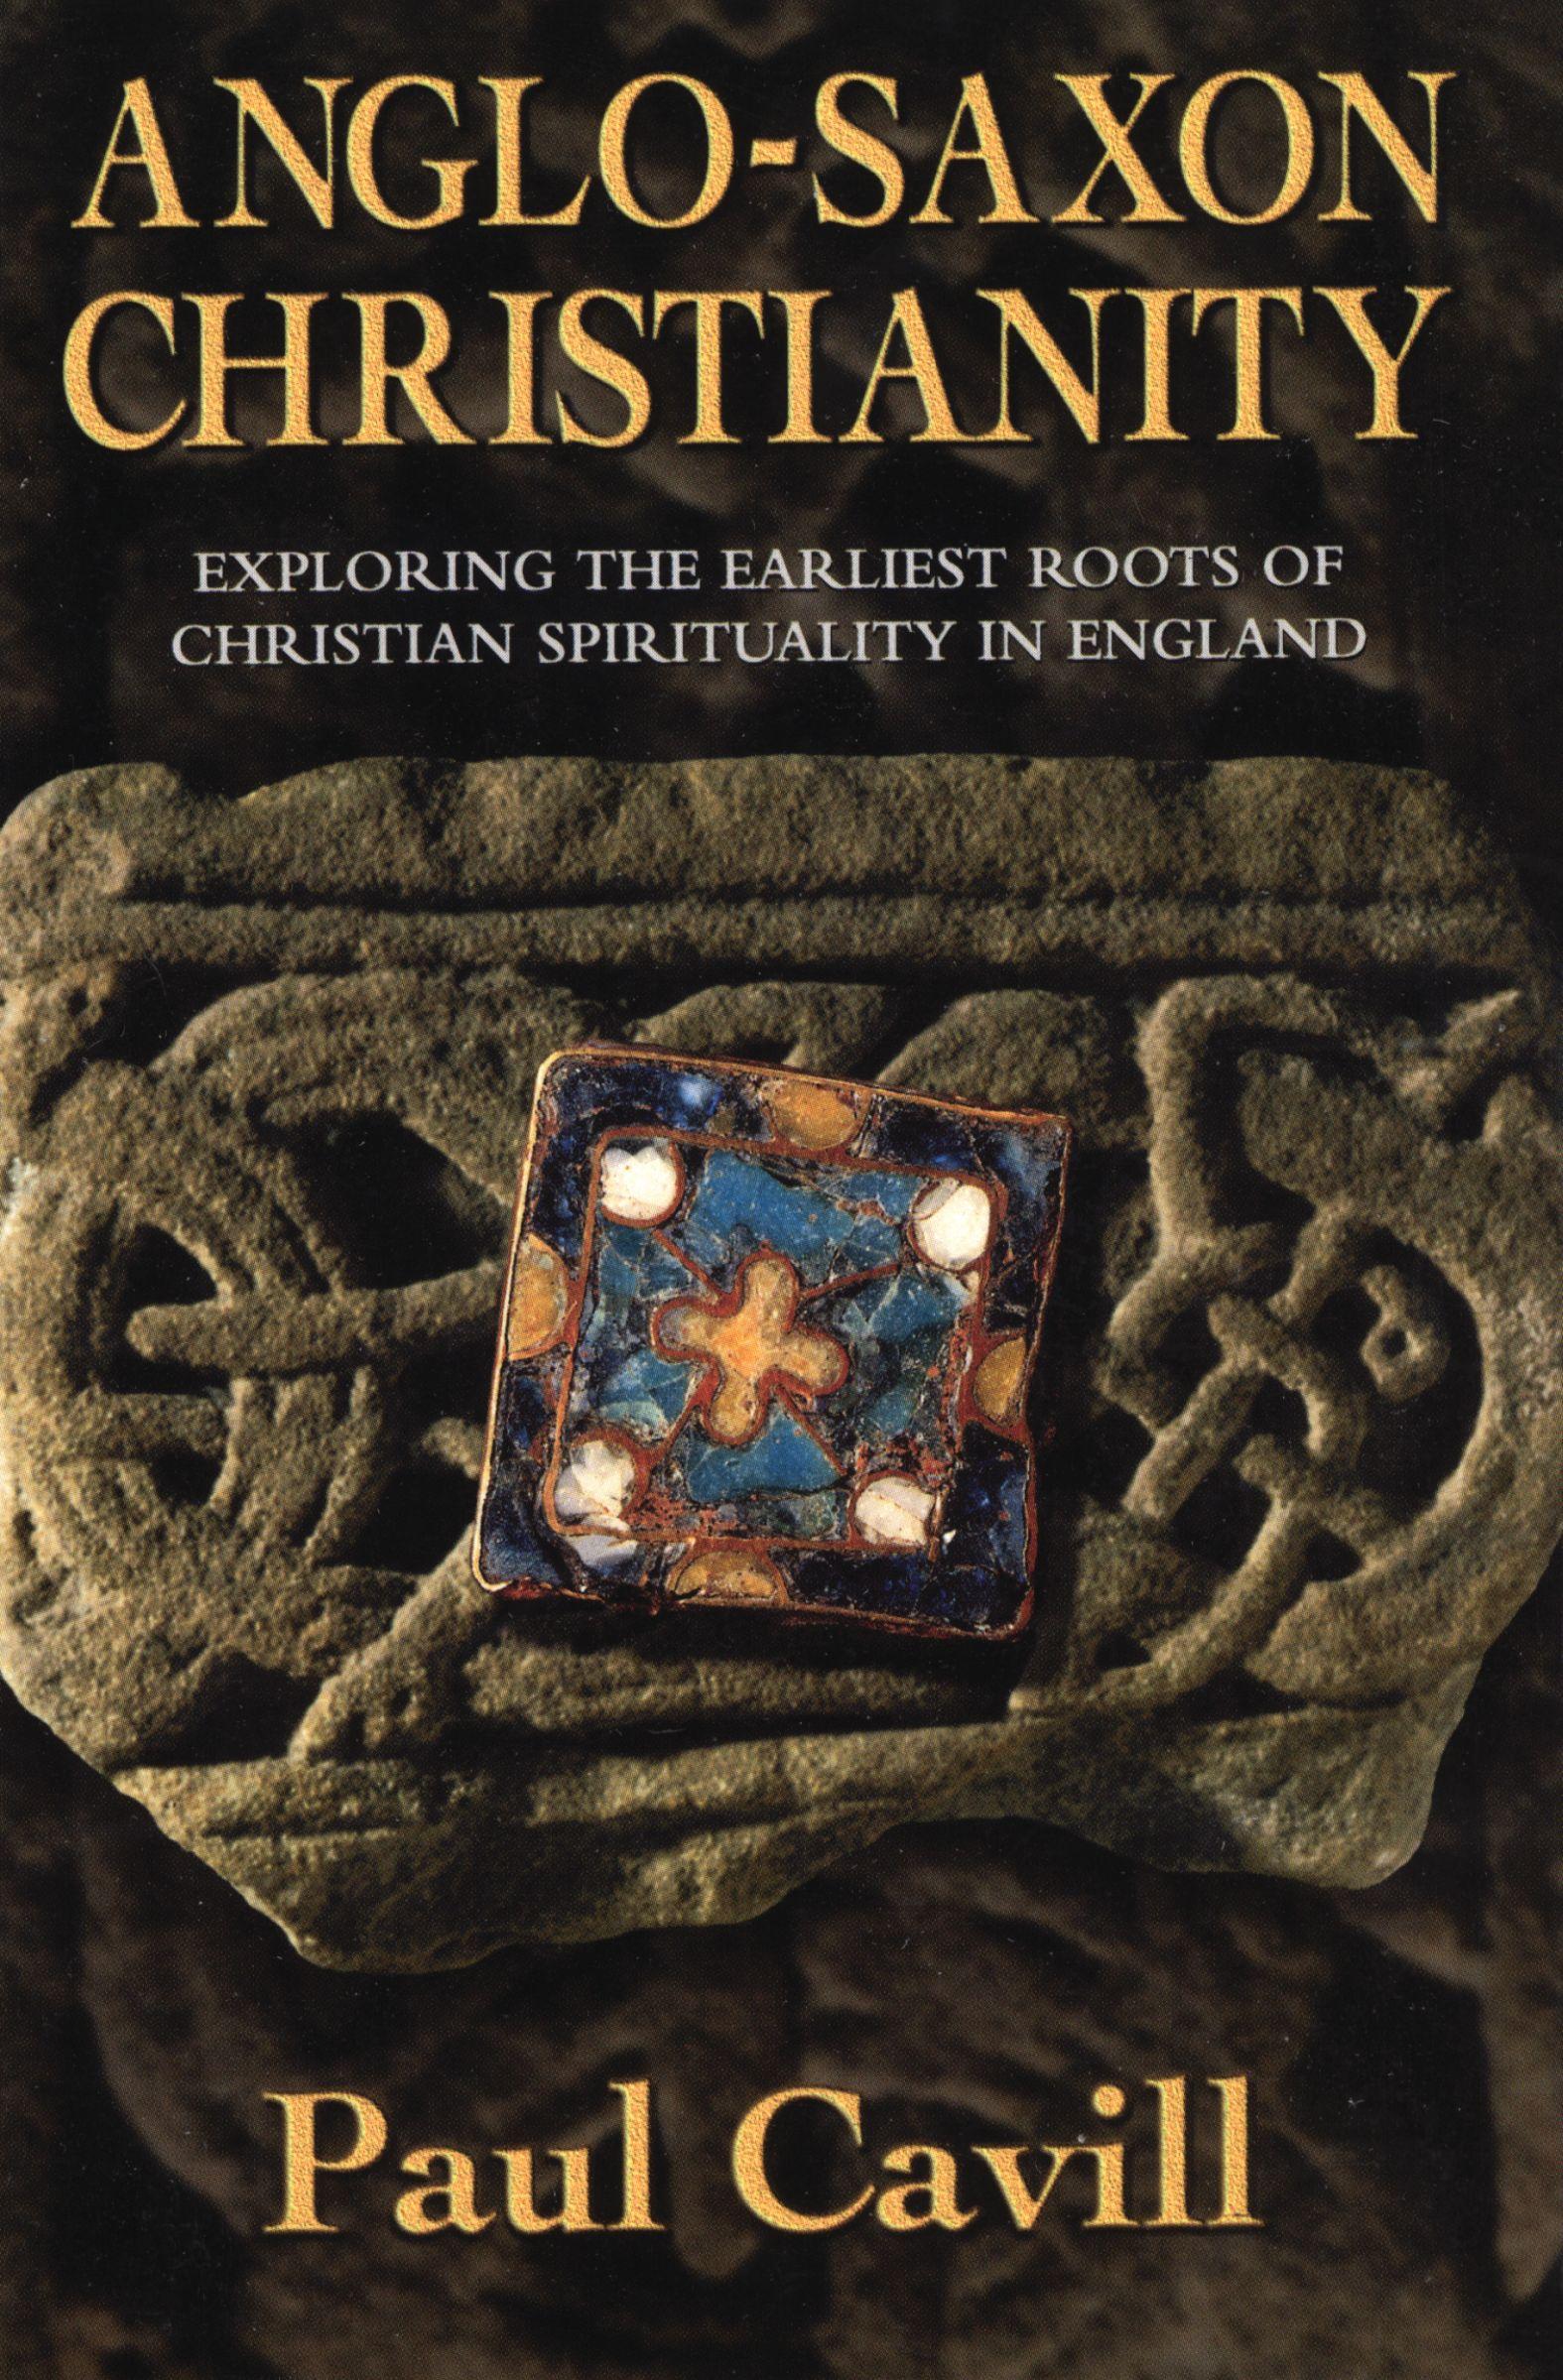 Anglo-Saxon Christianity